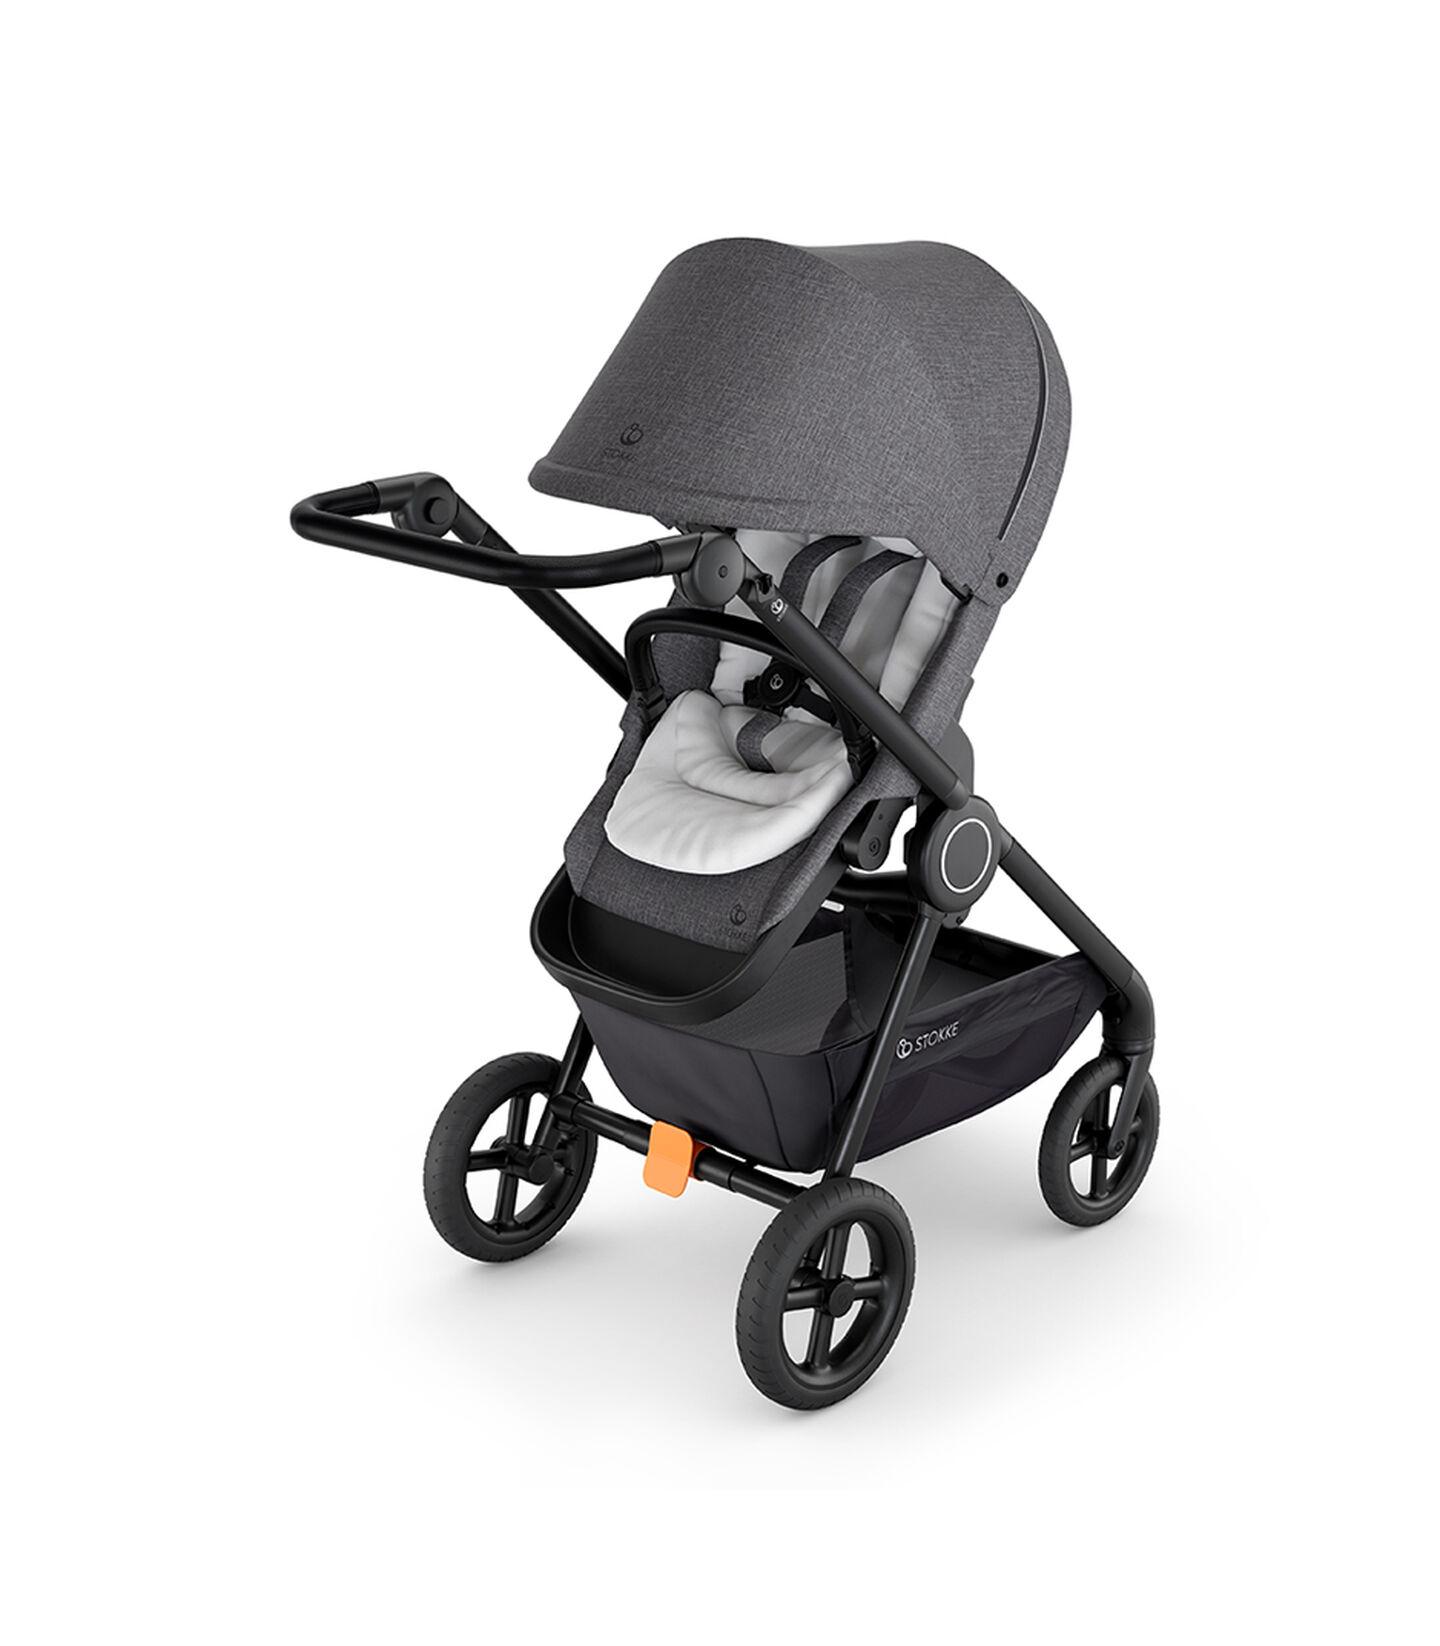 Stokke kinderwagen infant insert, , mainview